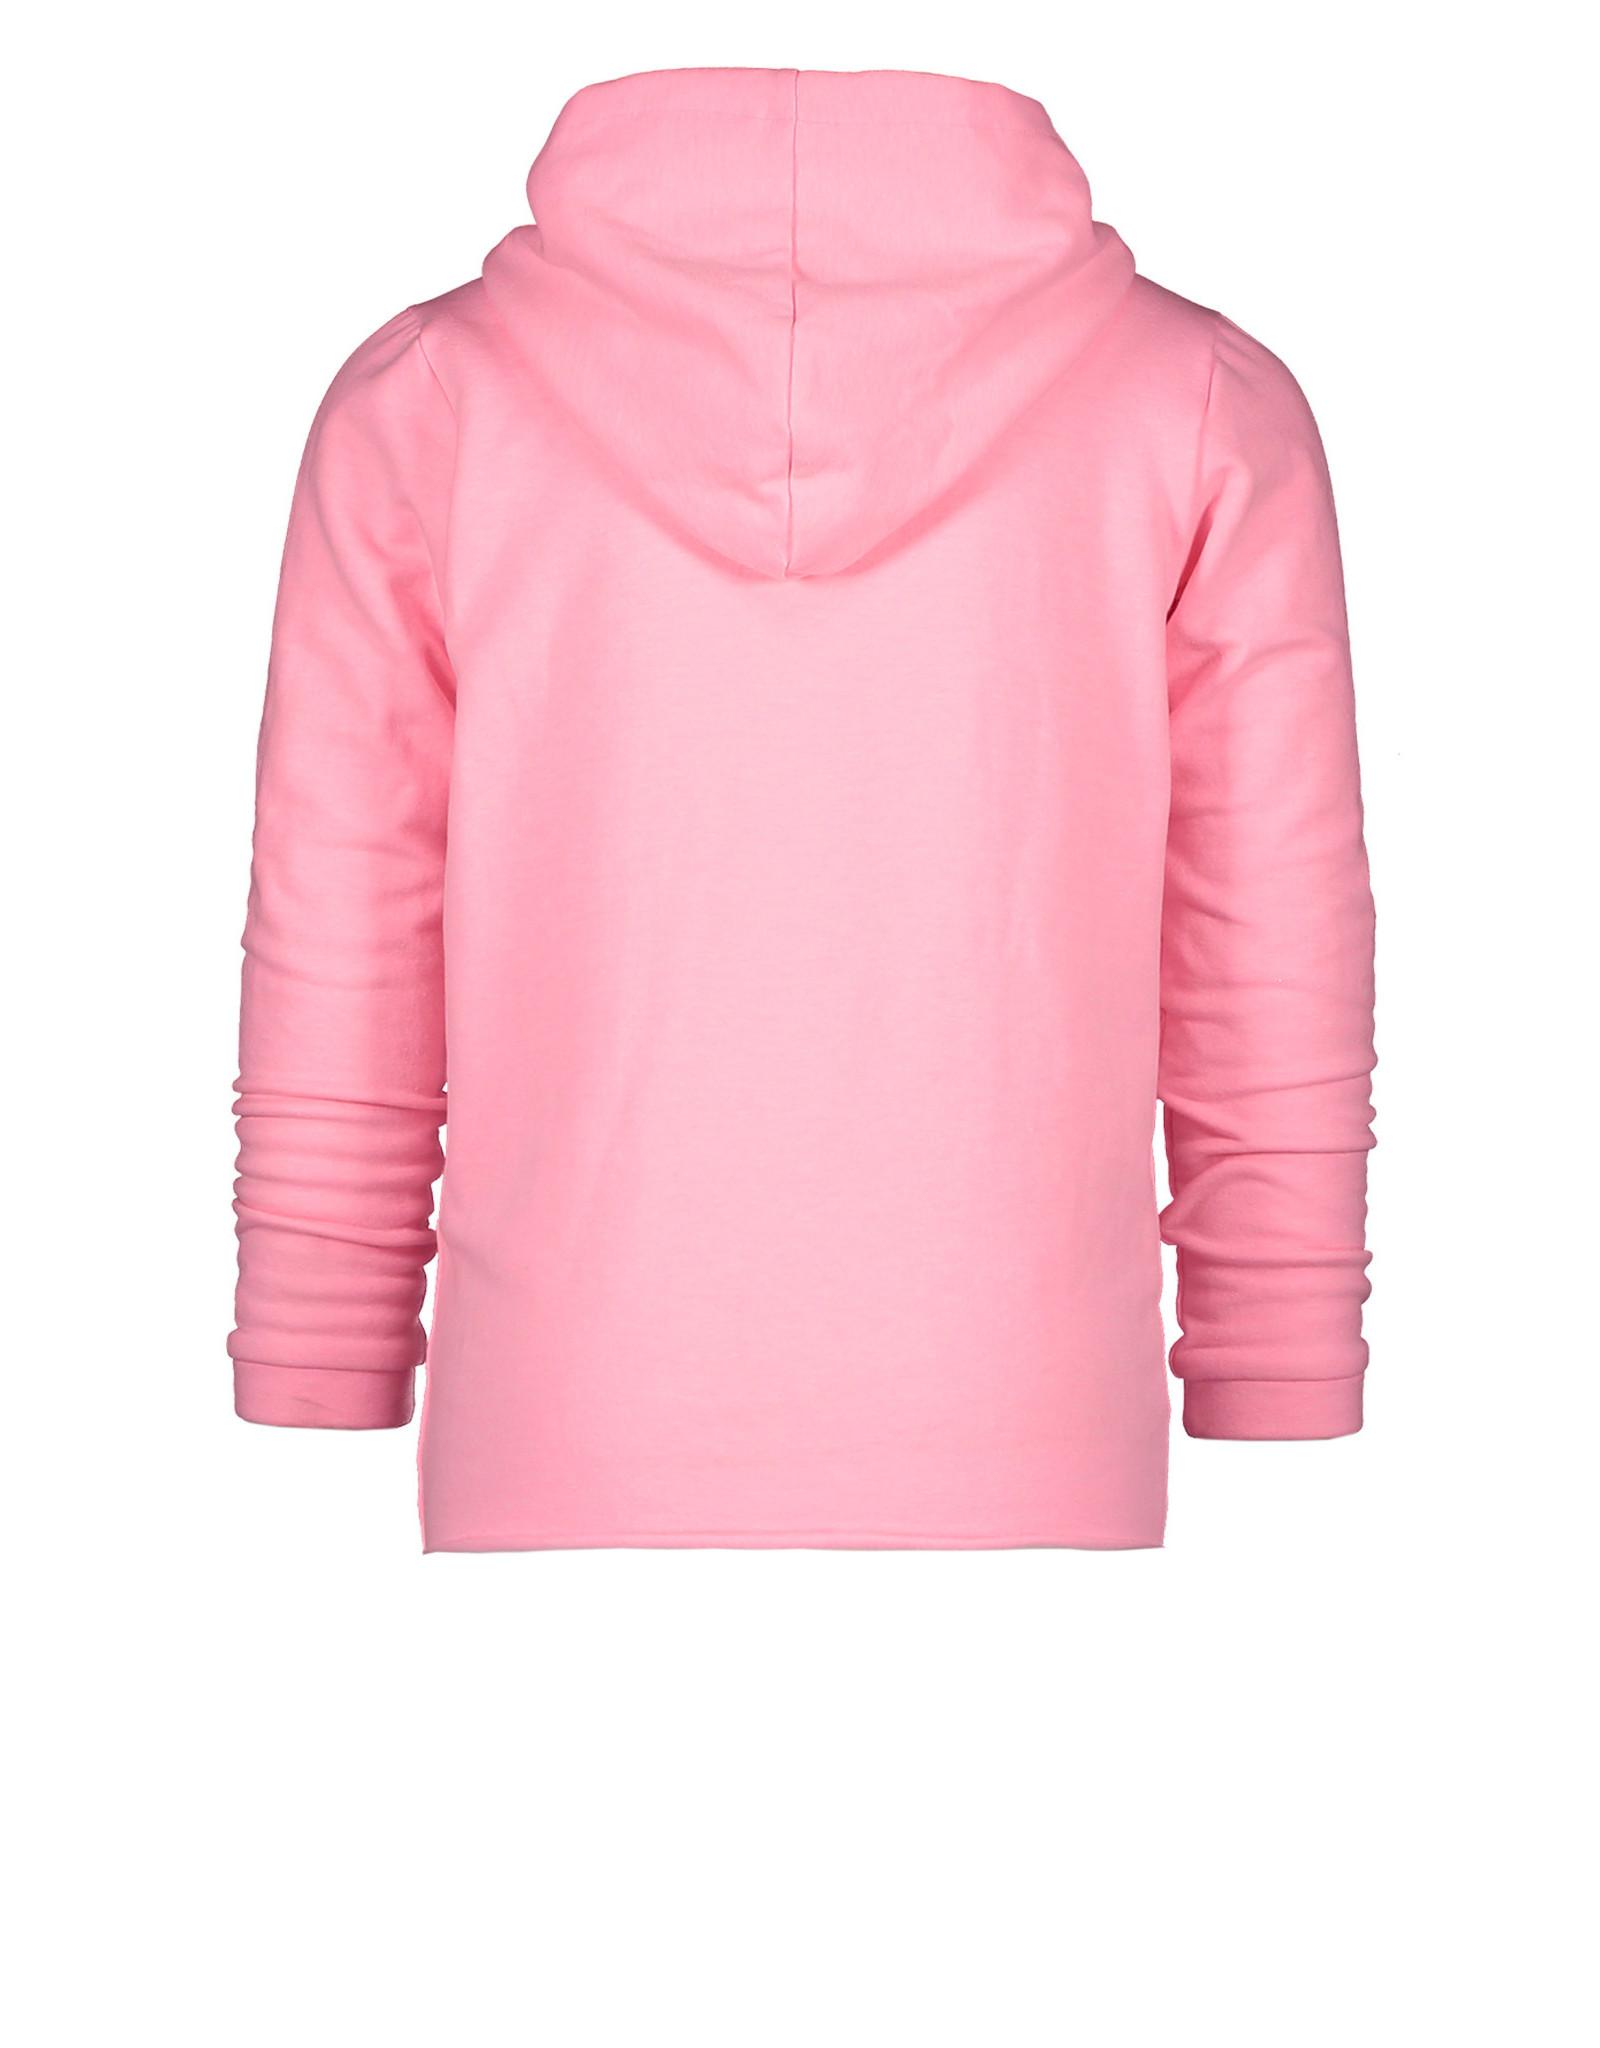 Moodstreet Moodstreet meisjes hoodie Sparkling Pink